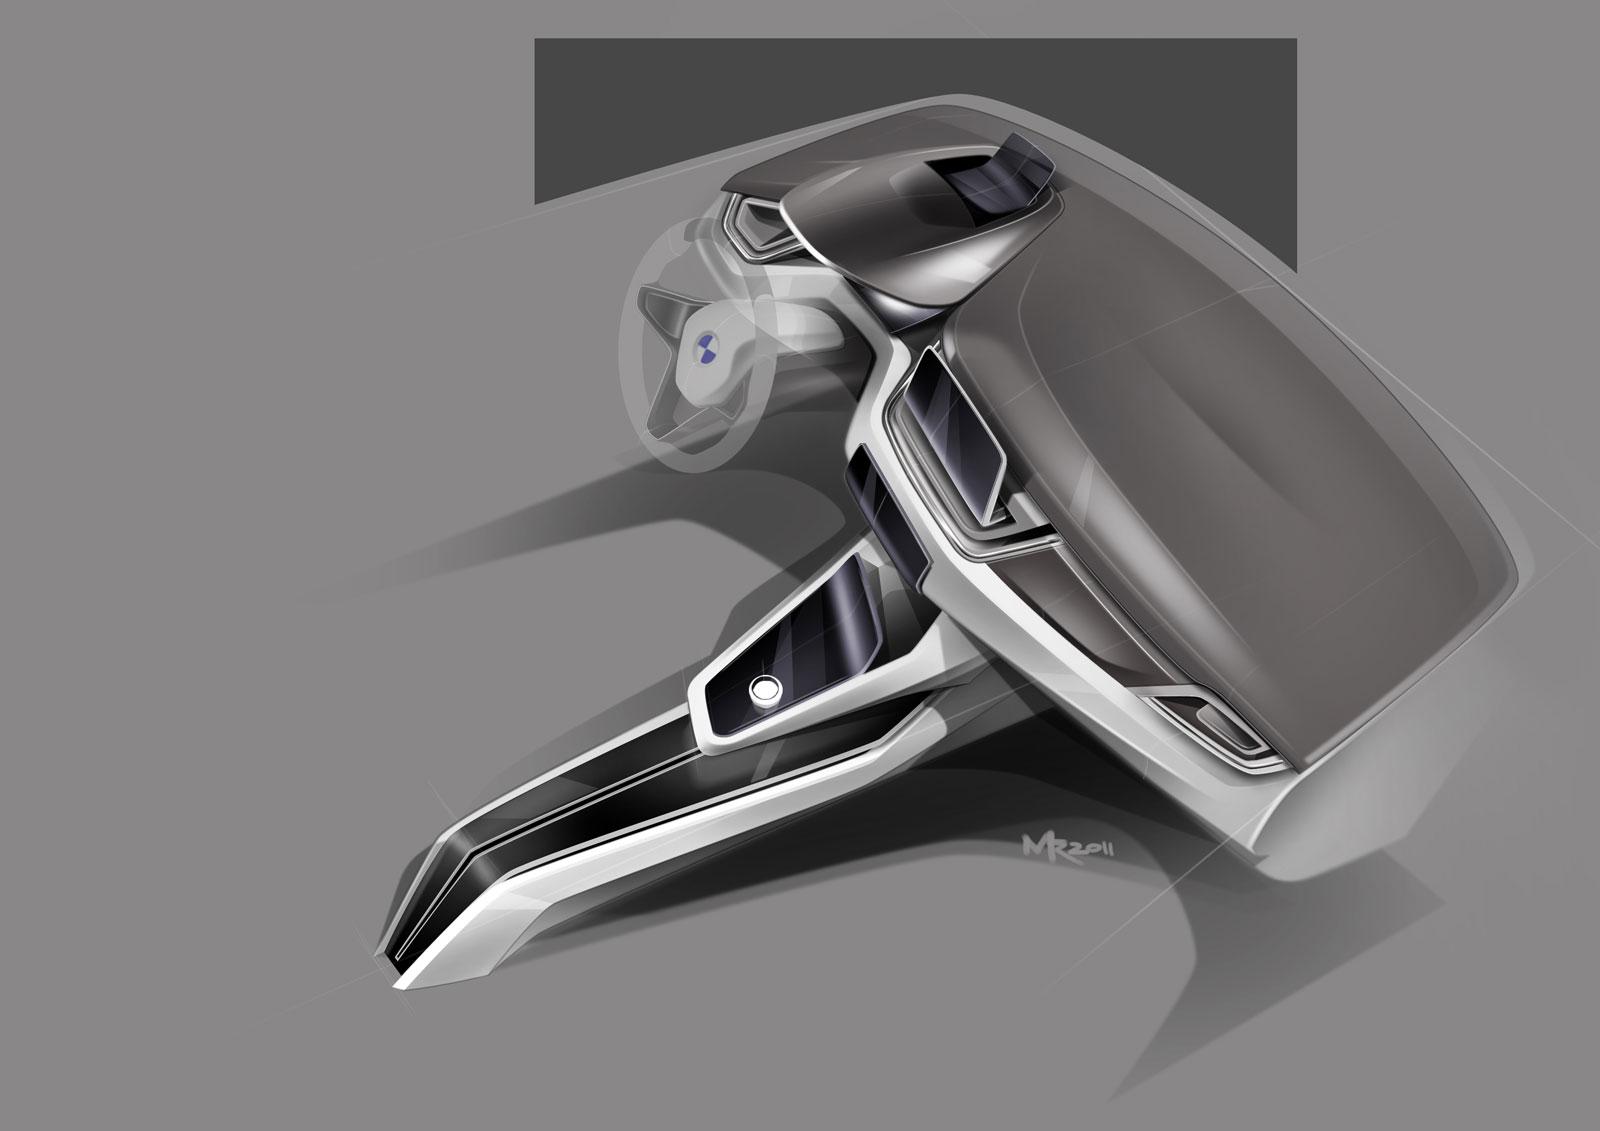 2012 bmw concept active tourer concepts. Black Bedroom Furniture Sets. Home Design Ideas